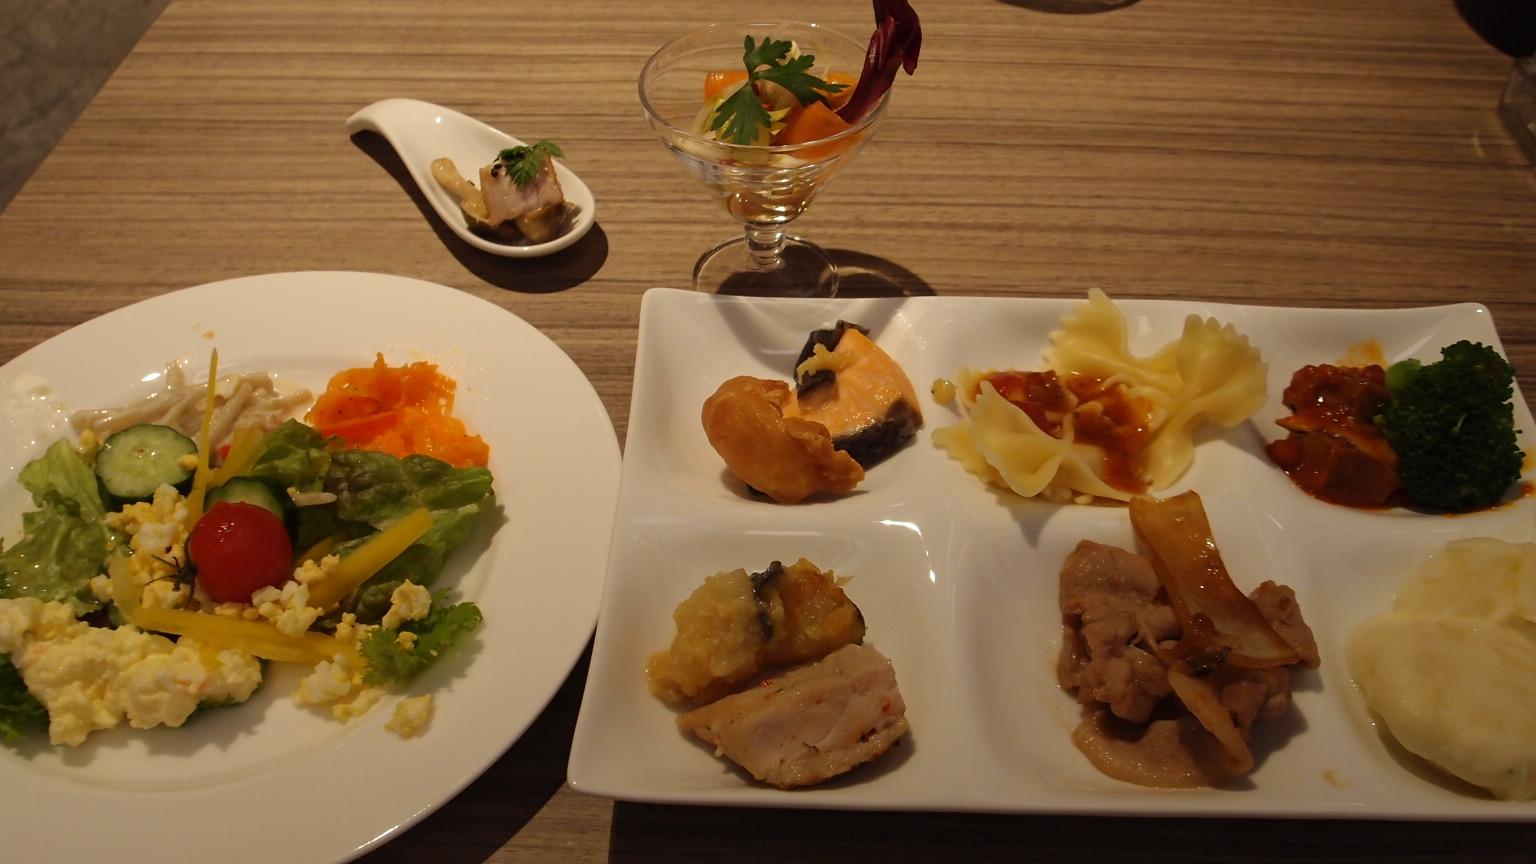 銀座 ALL DAY DINING NiKO GINZA@ミレニアム三井ガーデンホテル ランチビュッフェ